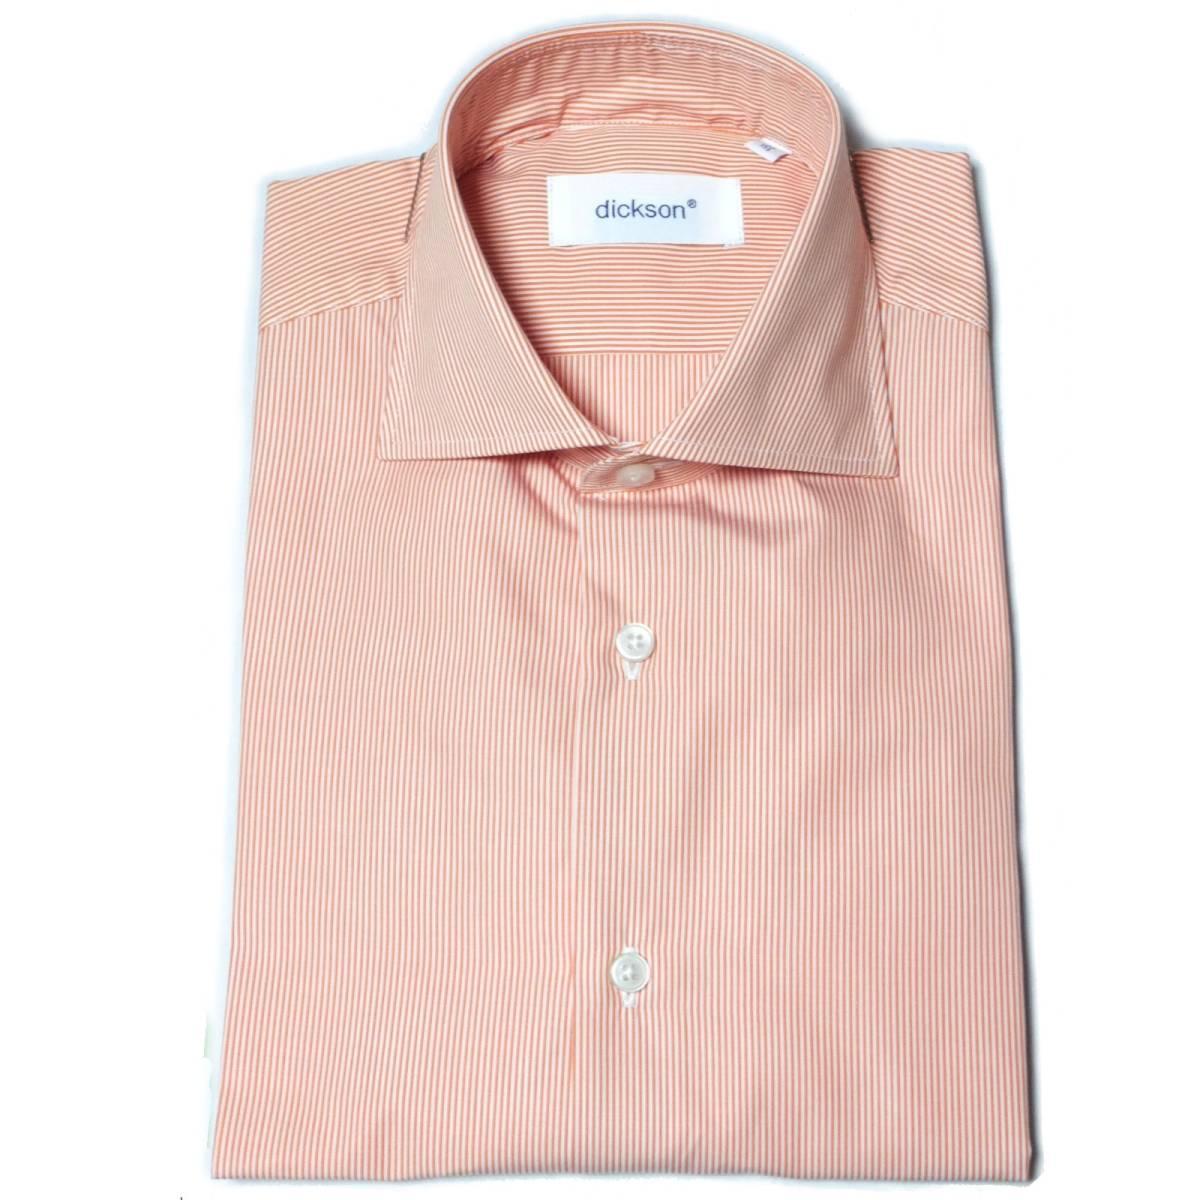 [dickson]サイズ38:ドレスシャツ メンズ 白xオレンジのヘアラインストライプ 長袖 コットン ワイシャツ Canclini_画像2